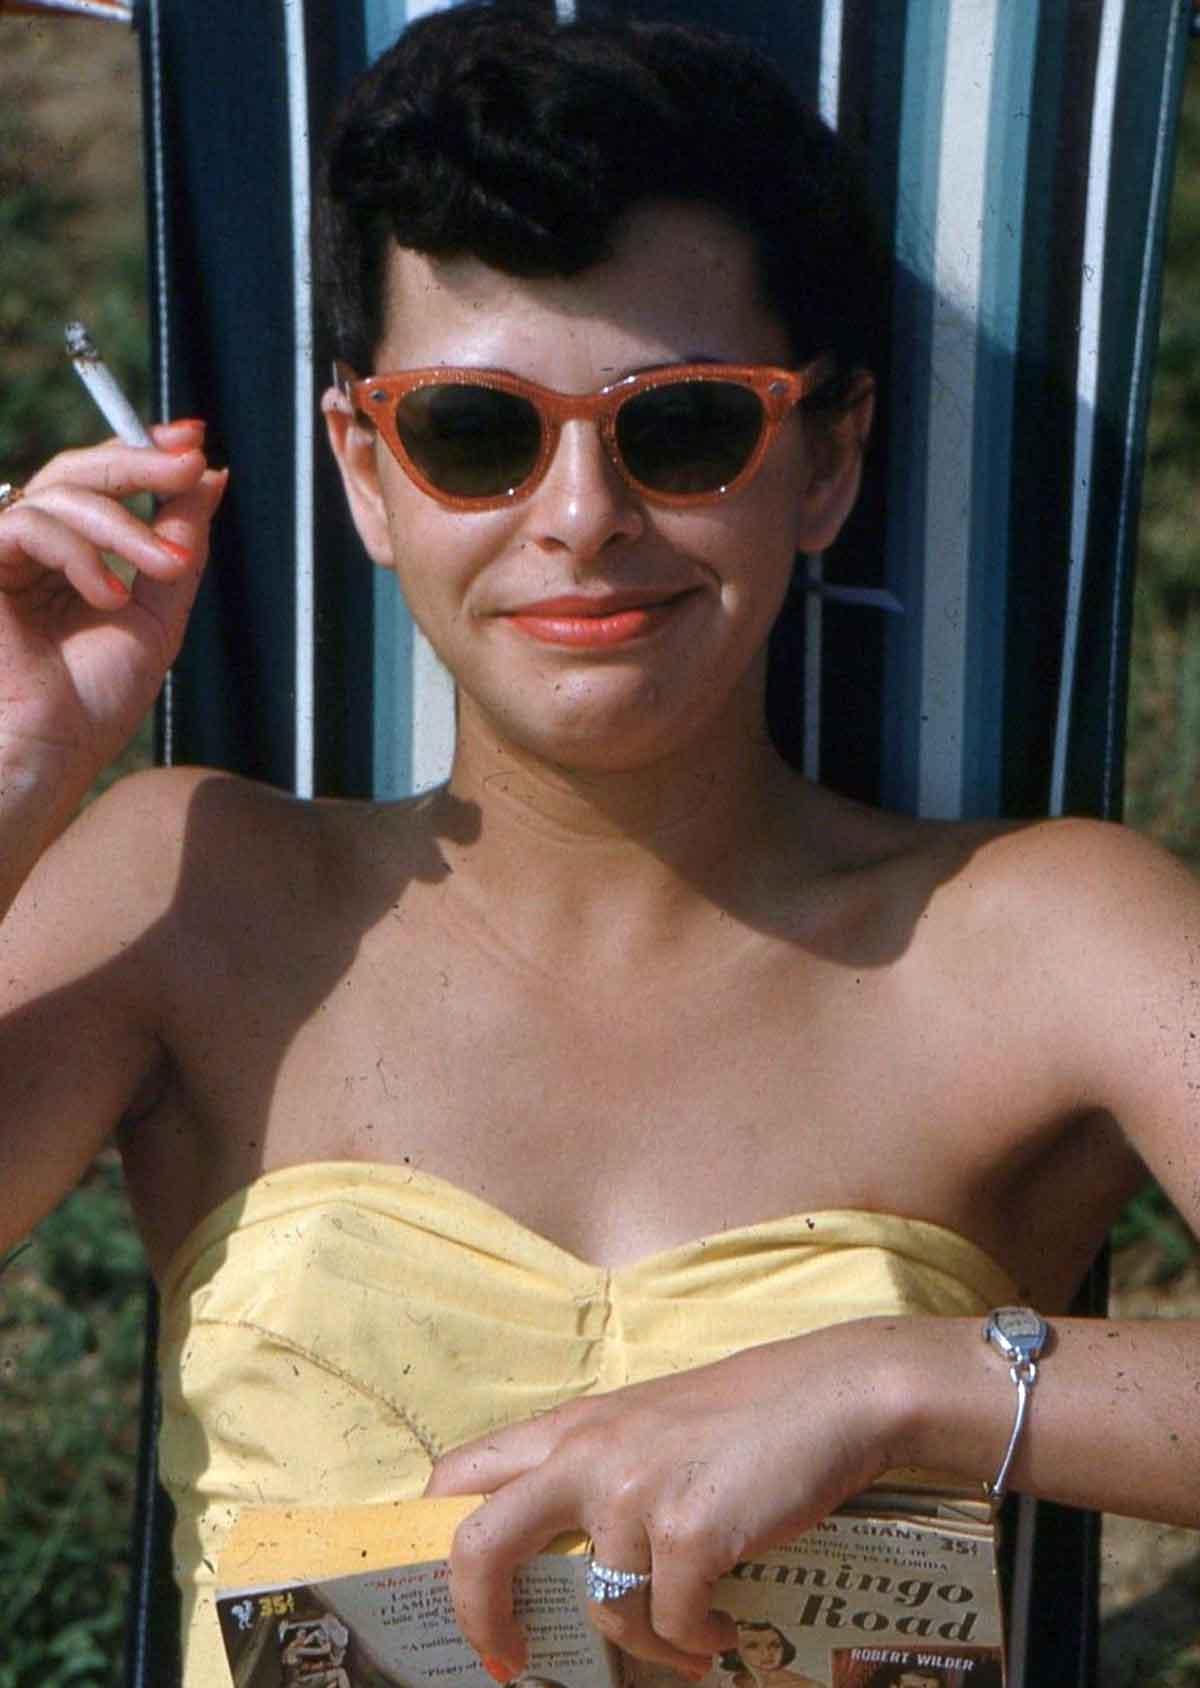 1950s-Woman-in-Swimsuit